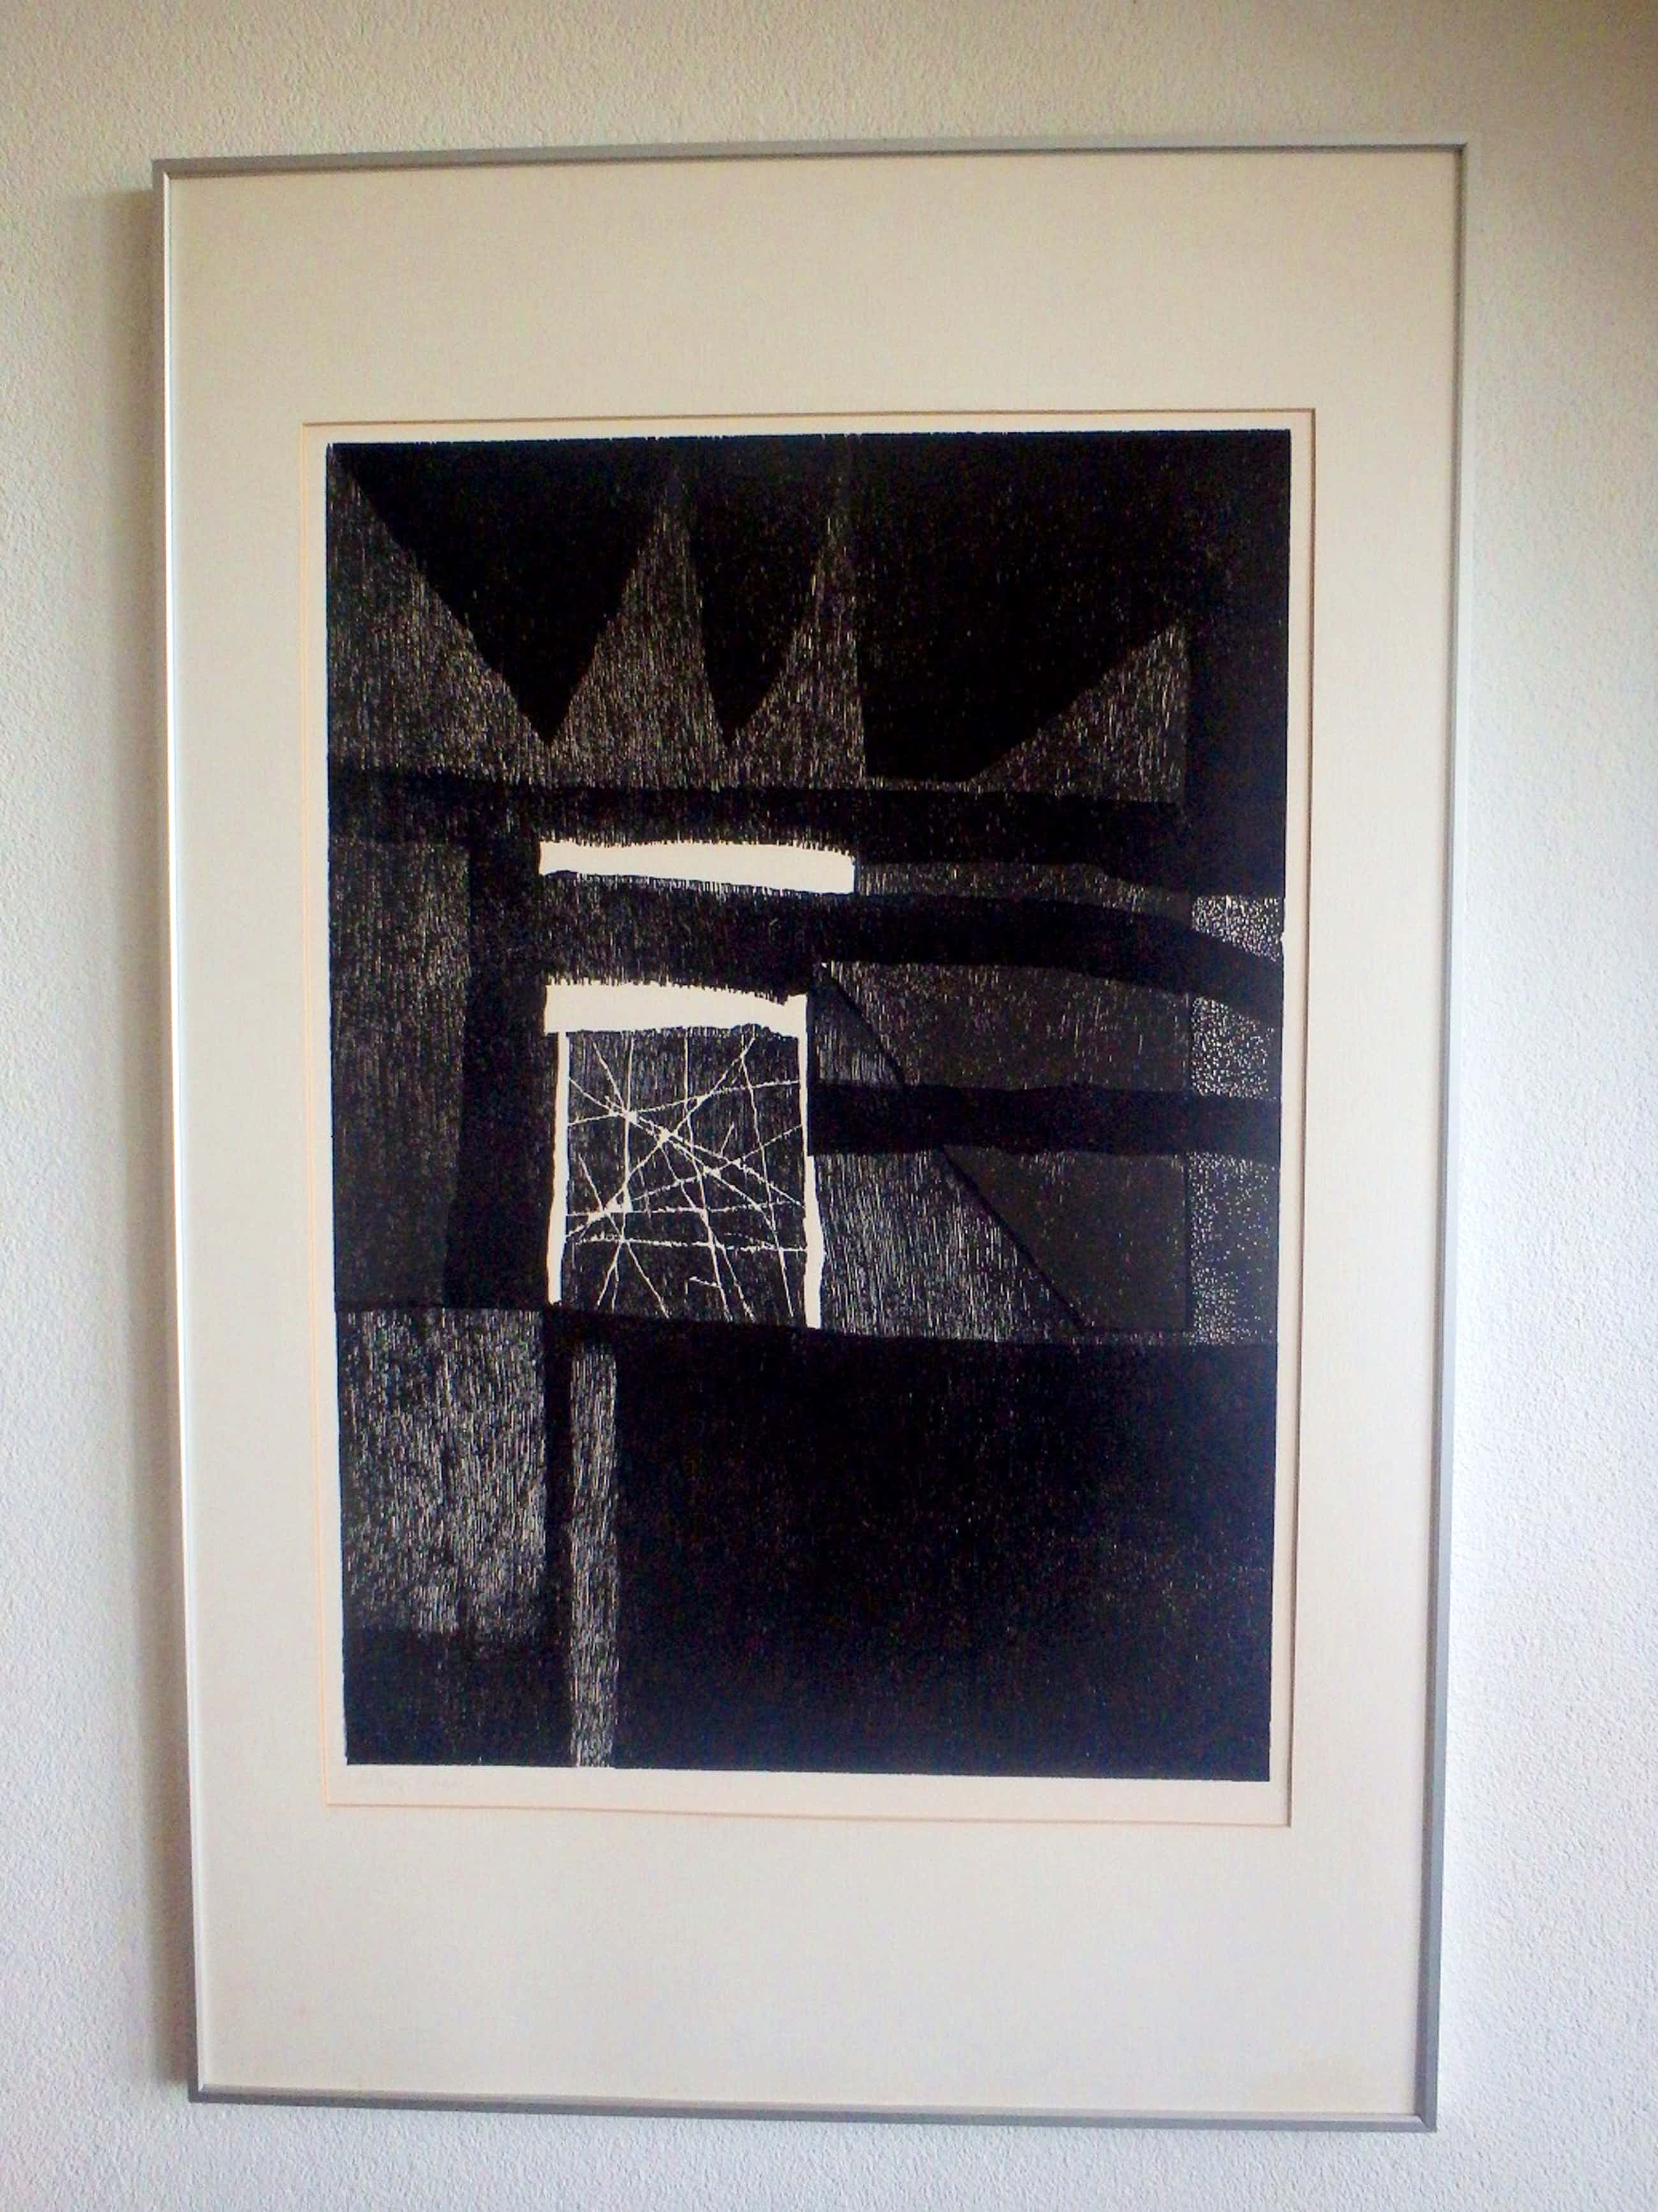 Guillaume Le Roy - Compositie in zwart-wit kopen? Bied vanaf 50!